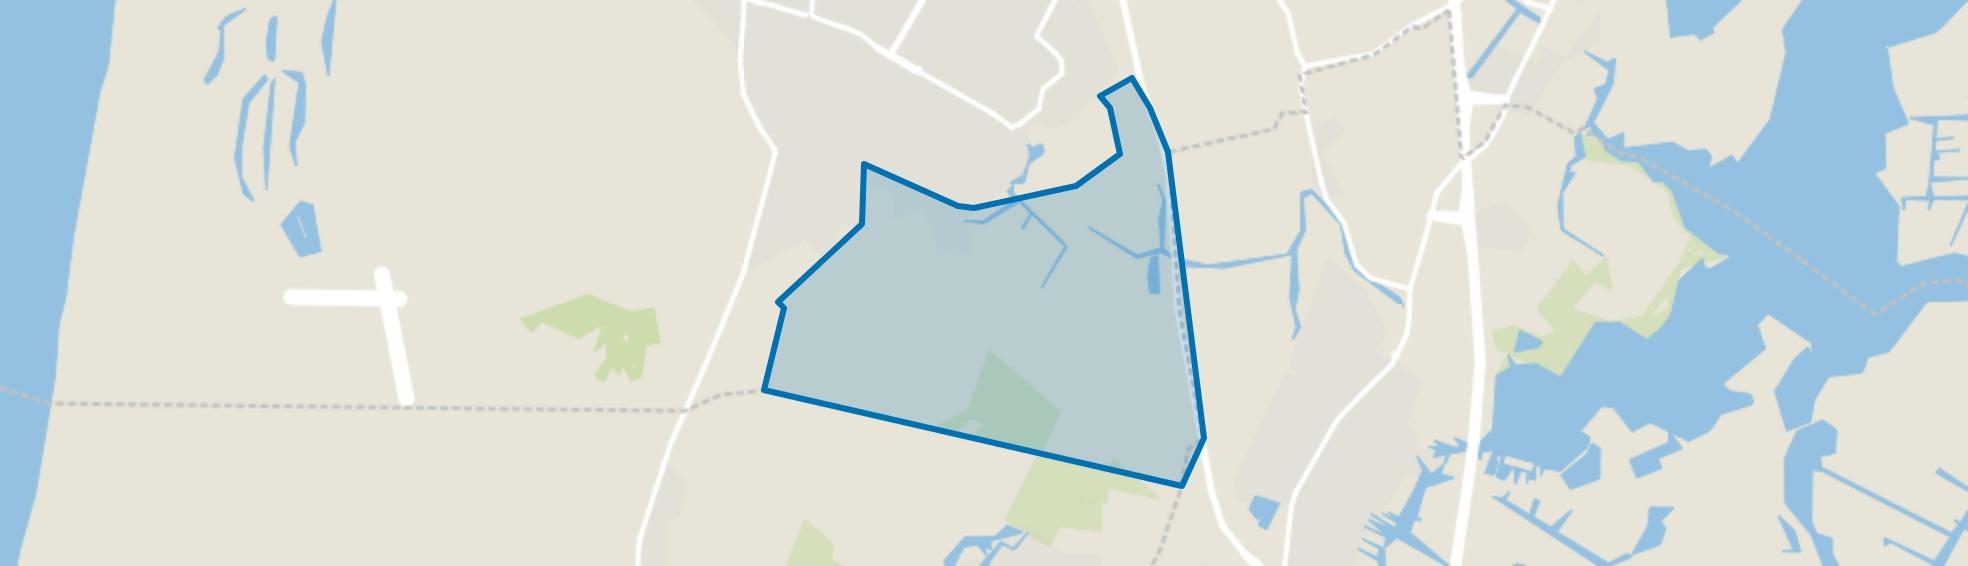 Buitengebied, Castricum map